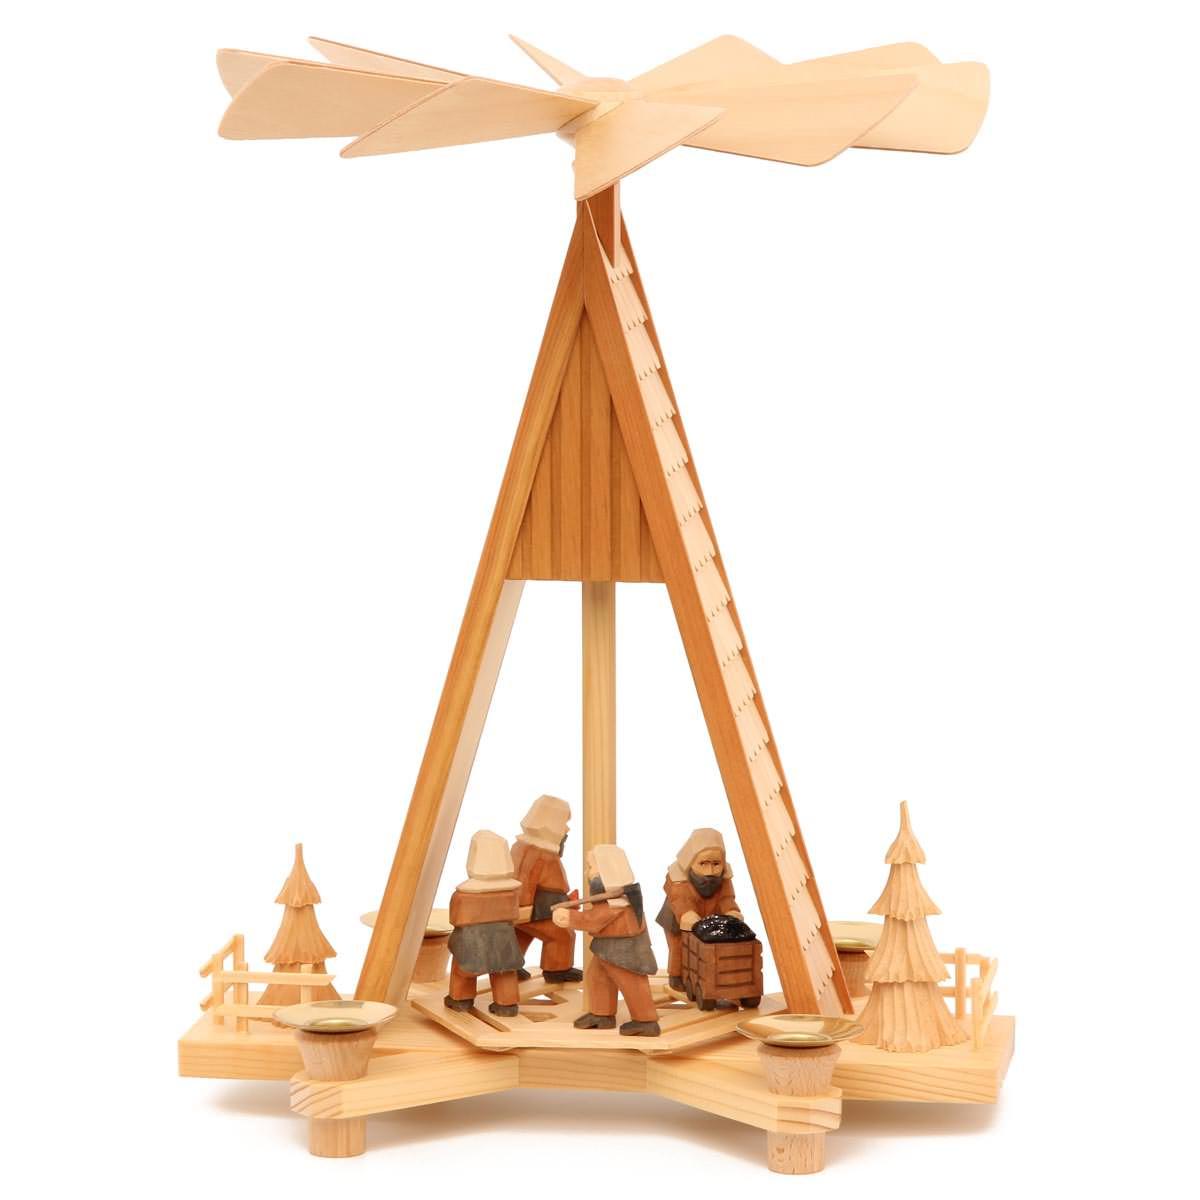 Pyramide Mit Schindeldach Und Geschnitzten Figuren Von